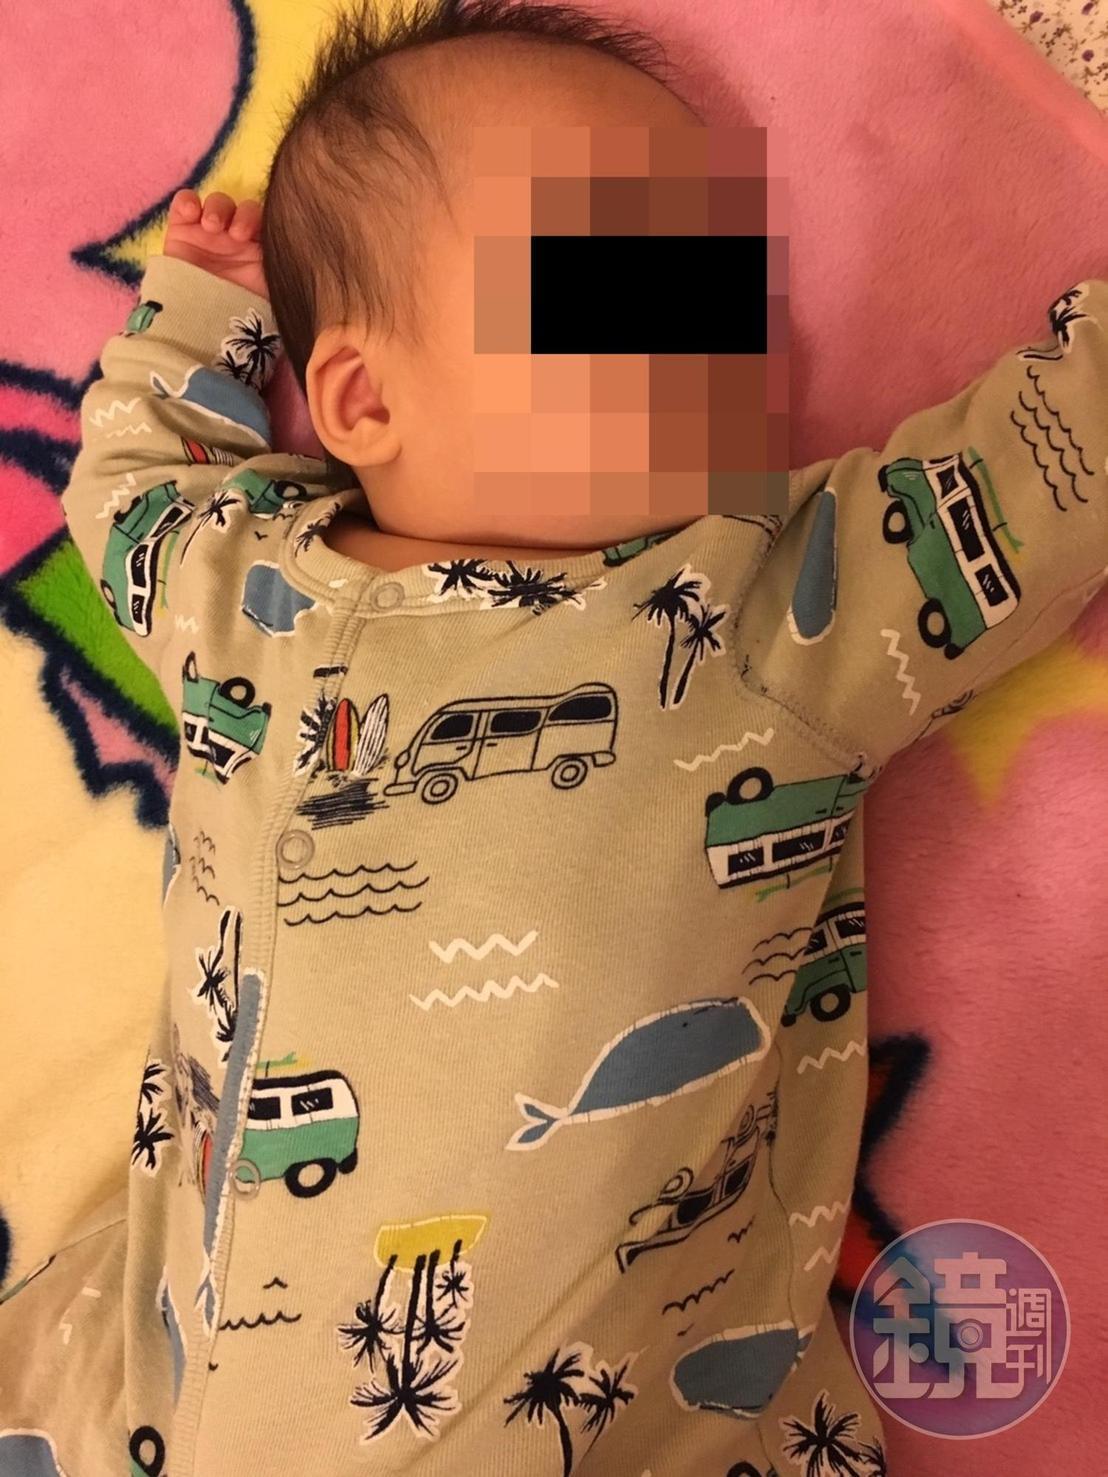 黃家指控周員不認、不養自己的親生兒子。(投訴人提供)